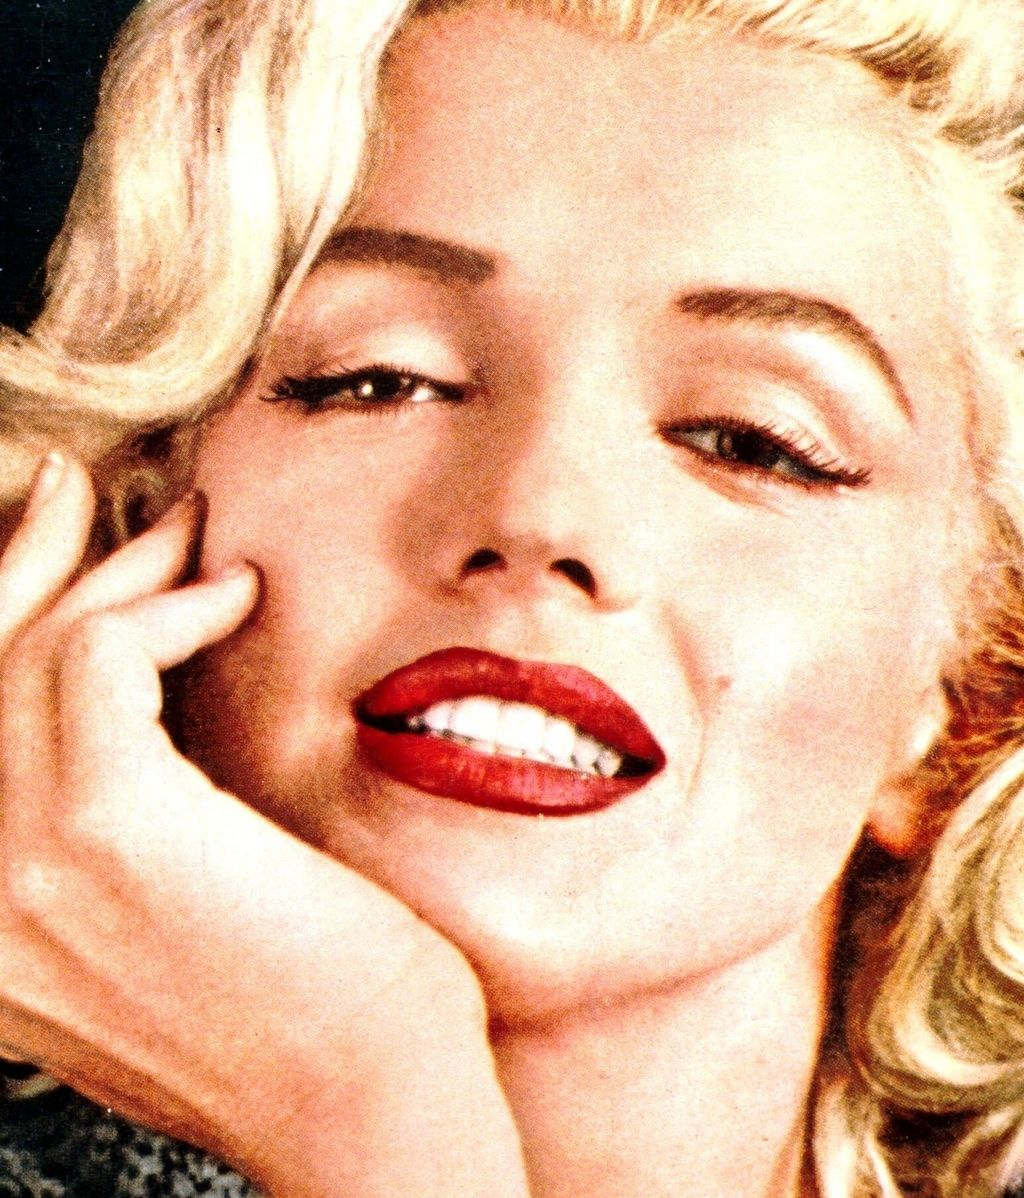 Marilyn Monroe, en una foto en la década de 1950. Foto: Gtres